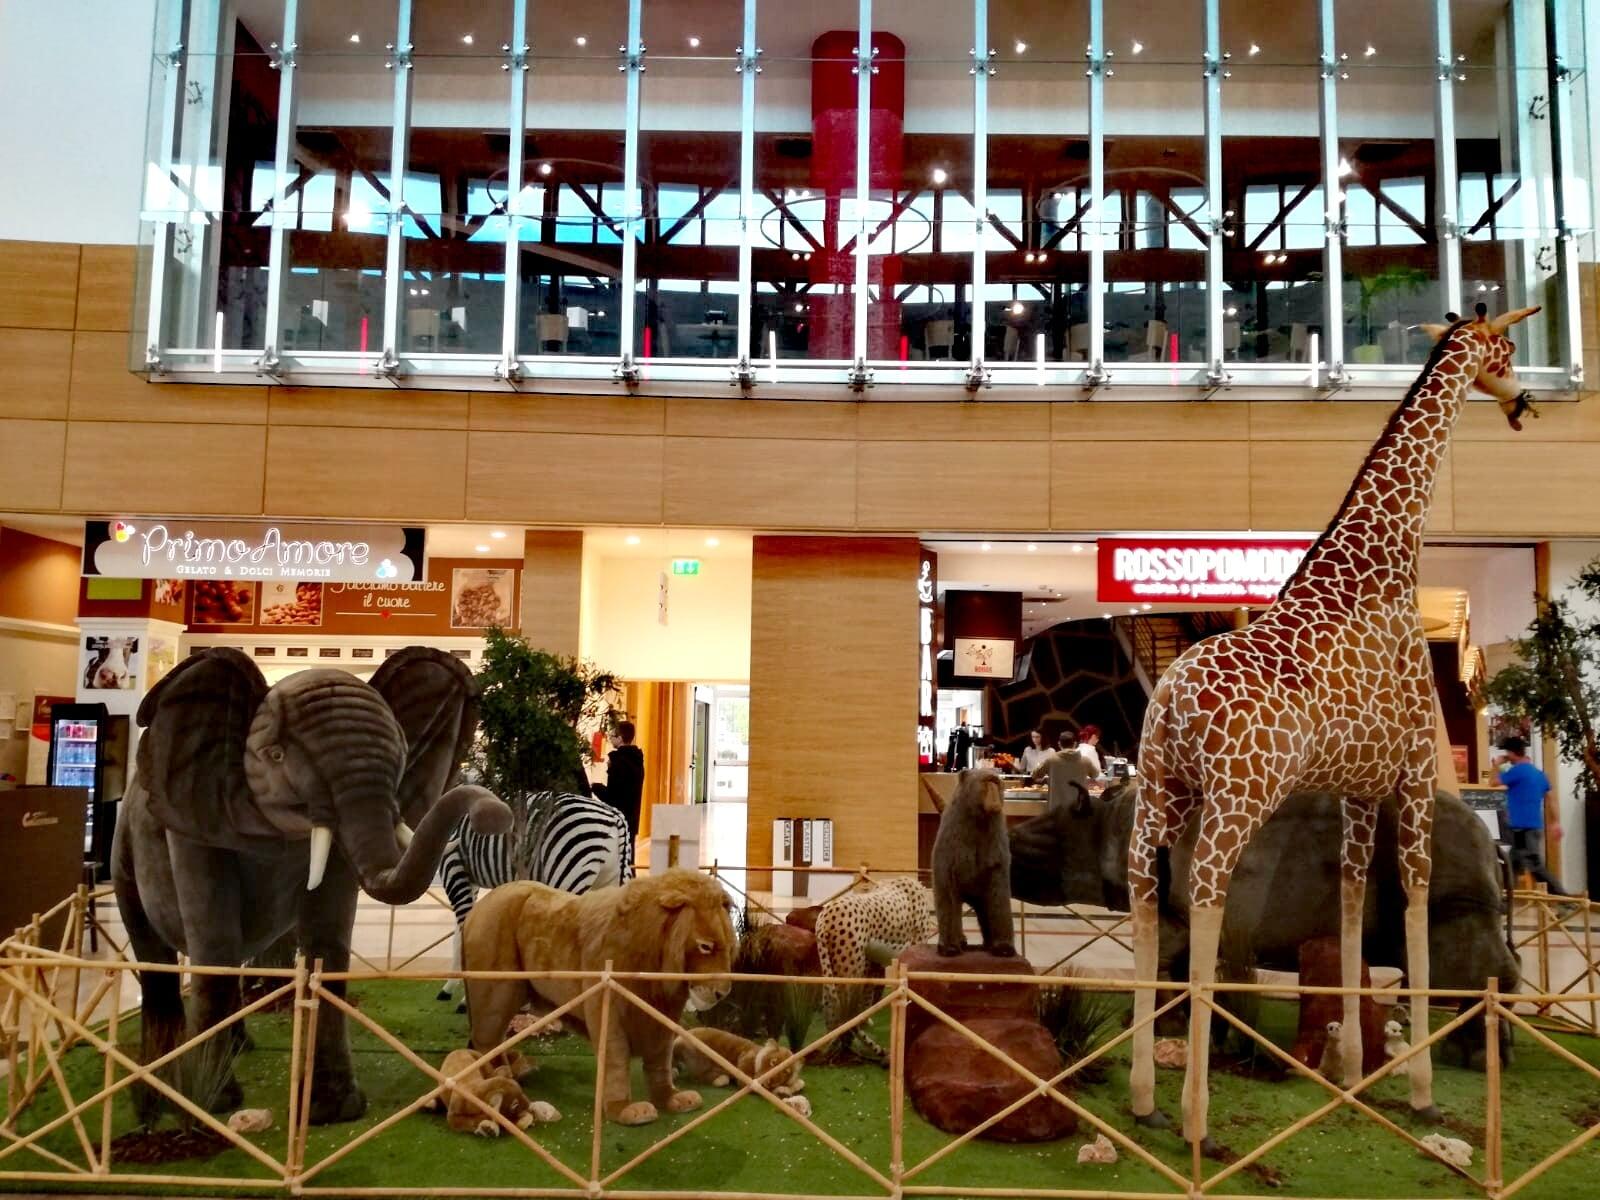 Al Centro commerciale Collestrada c'è lo zoo di peluche e senza gabbie